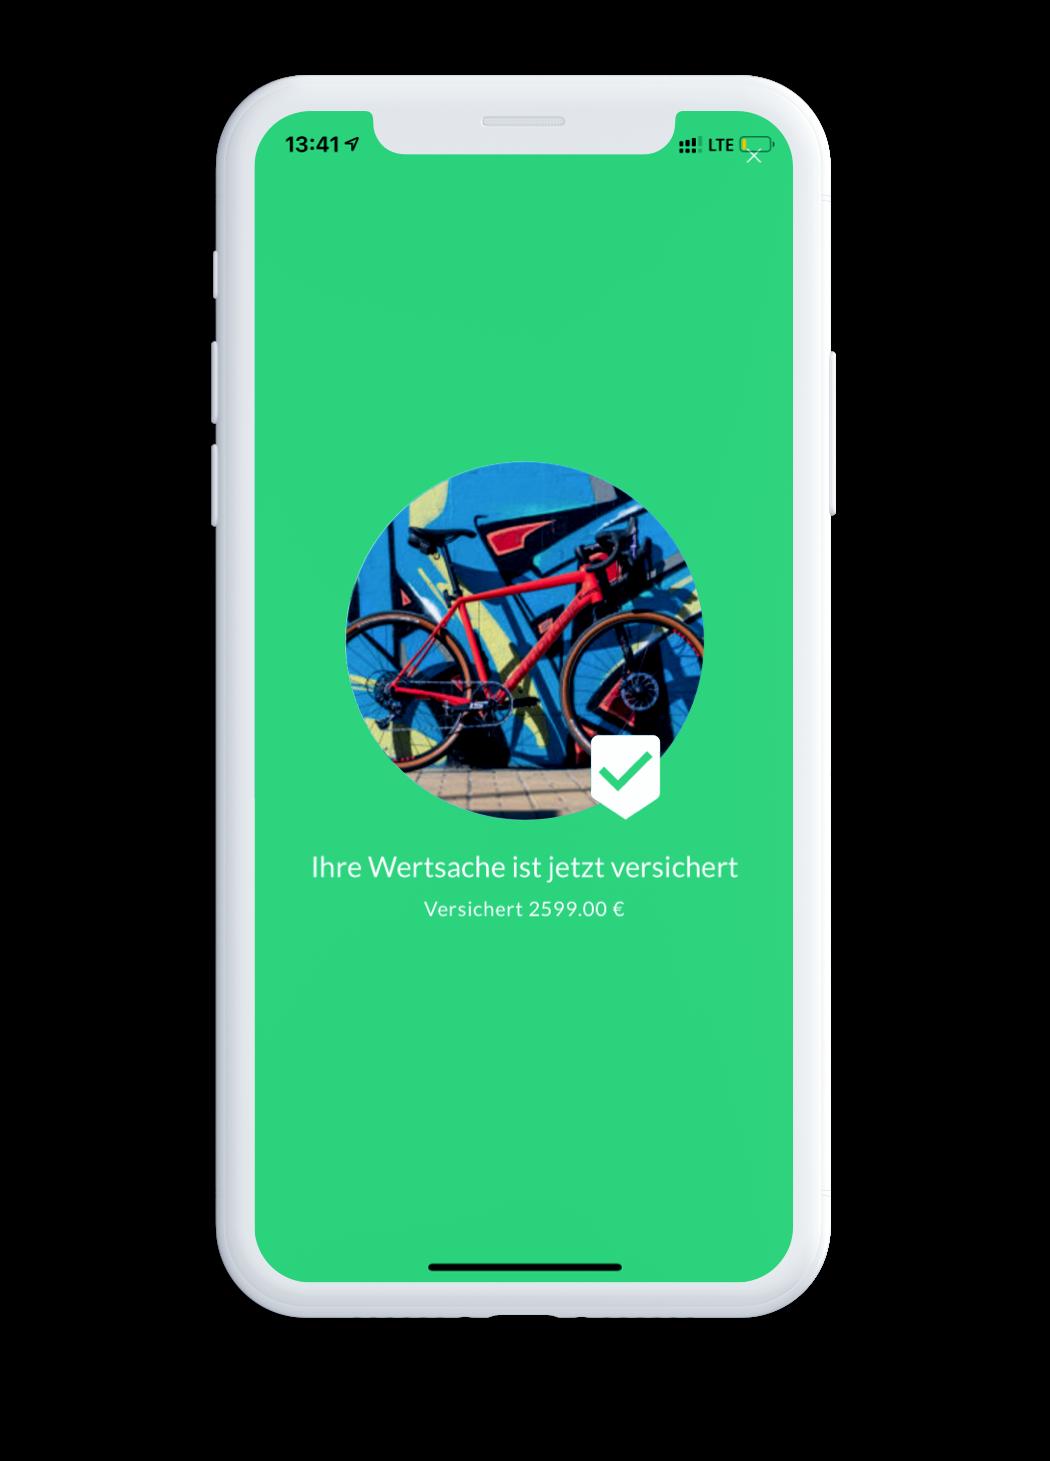 blanket App - Wertsache versichert